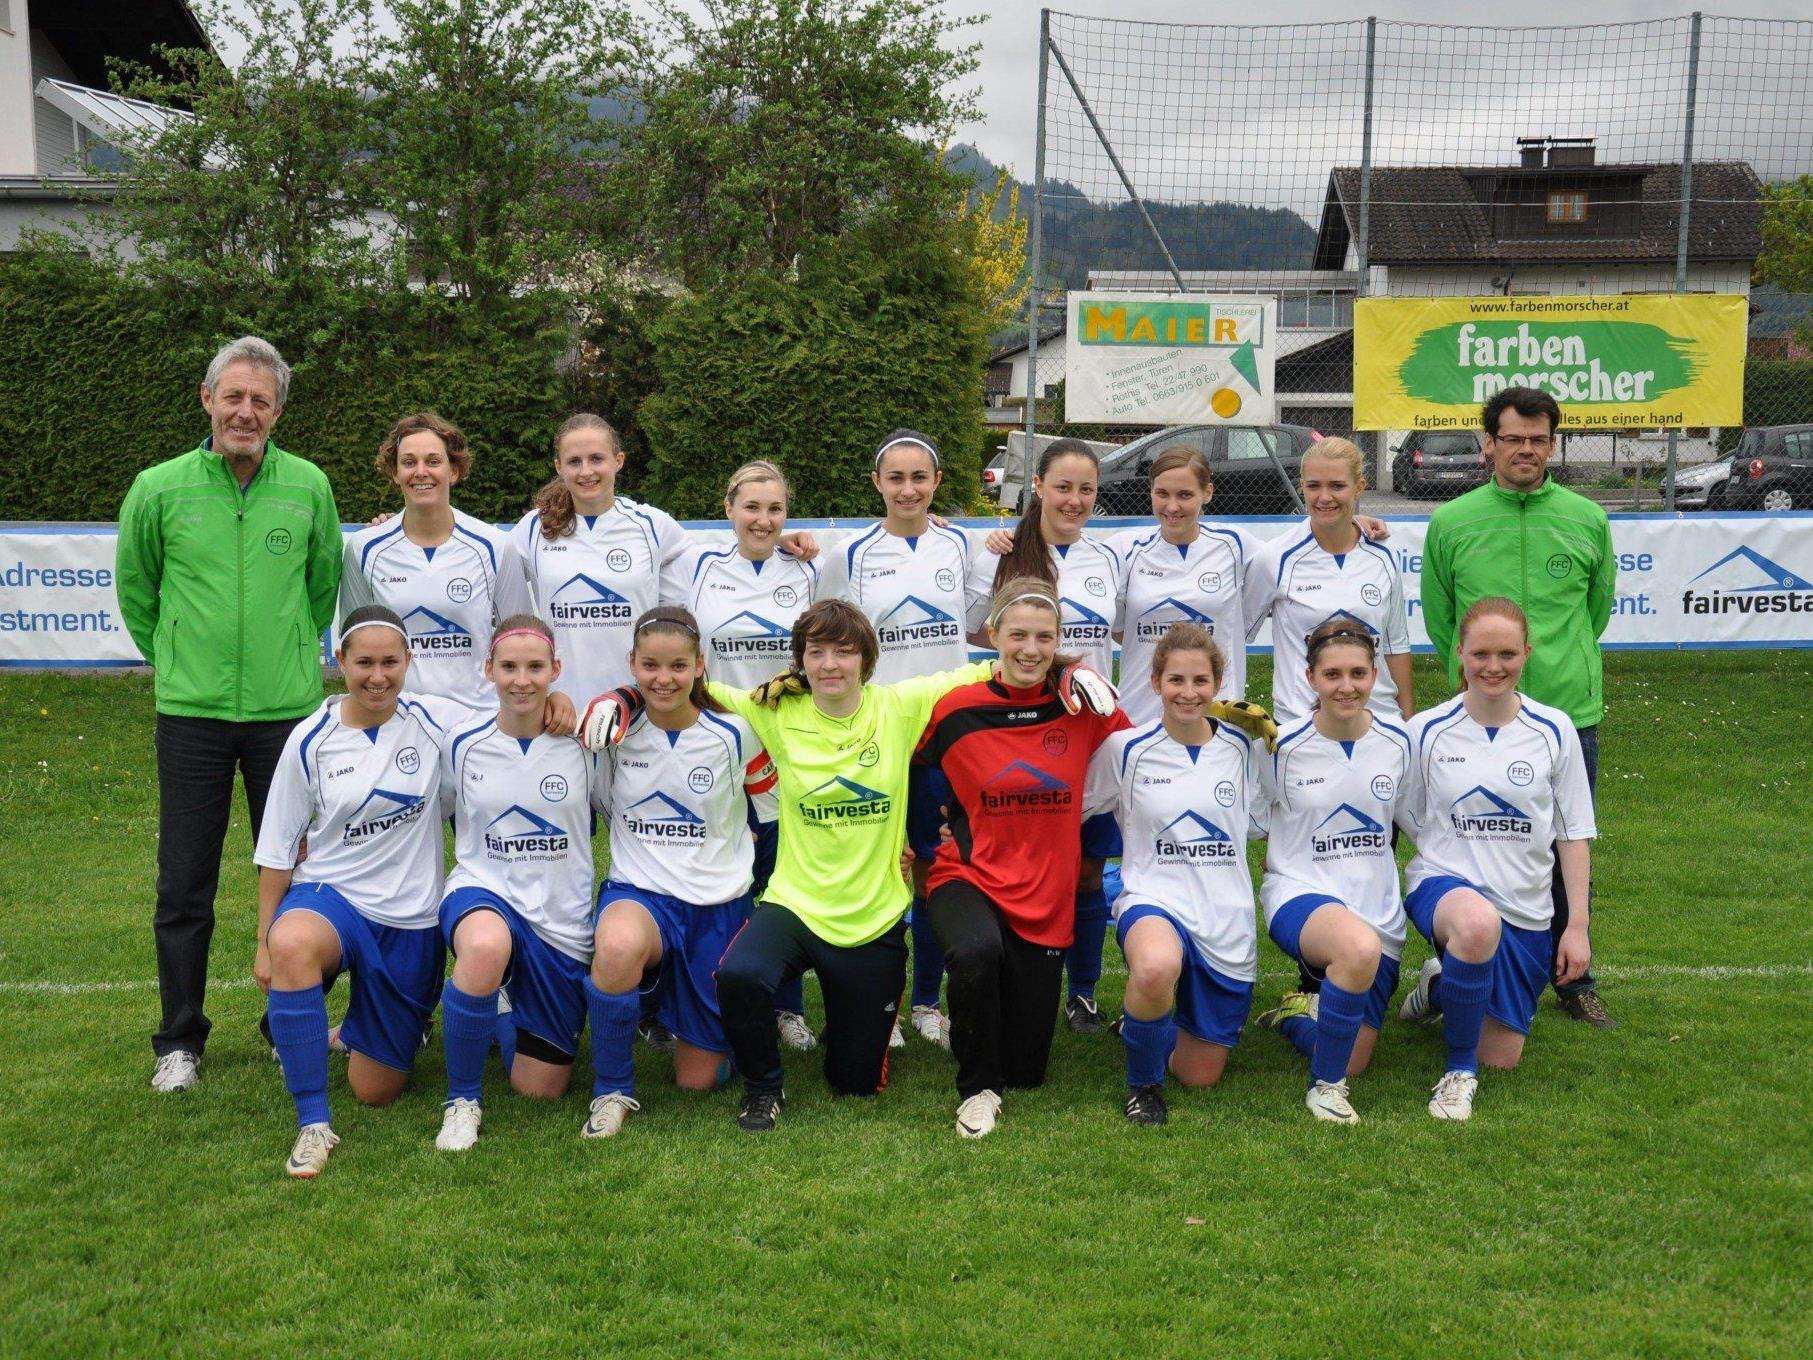 Aufsteiger in die Frauen 2. Liga Mitte/West - die Kampfmannschaft des FFC fairvesta Vorderland